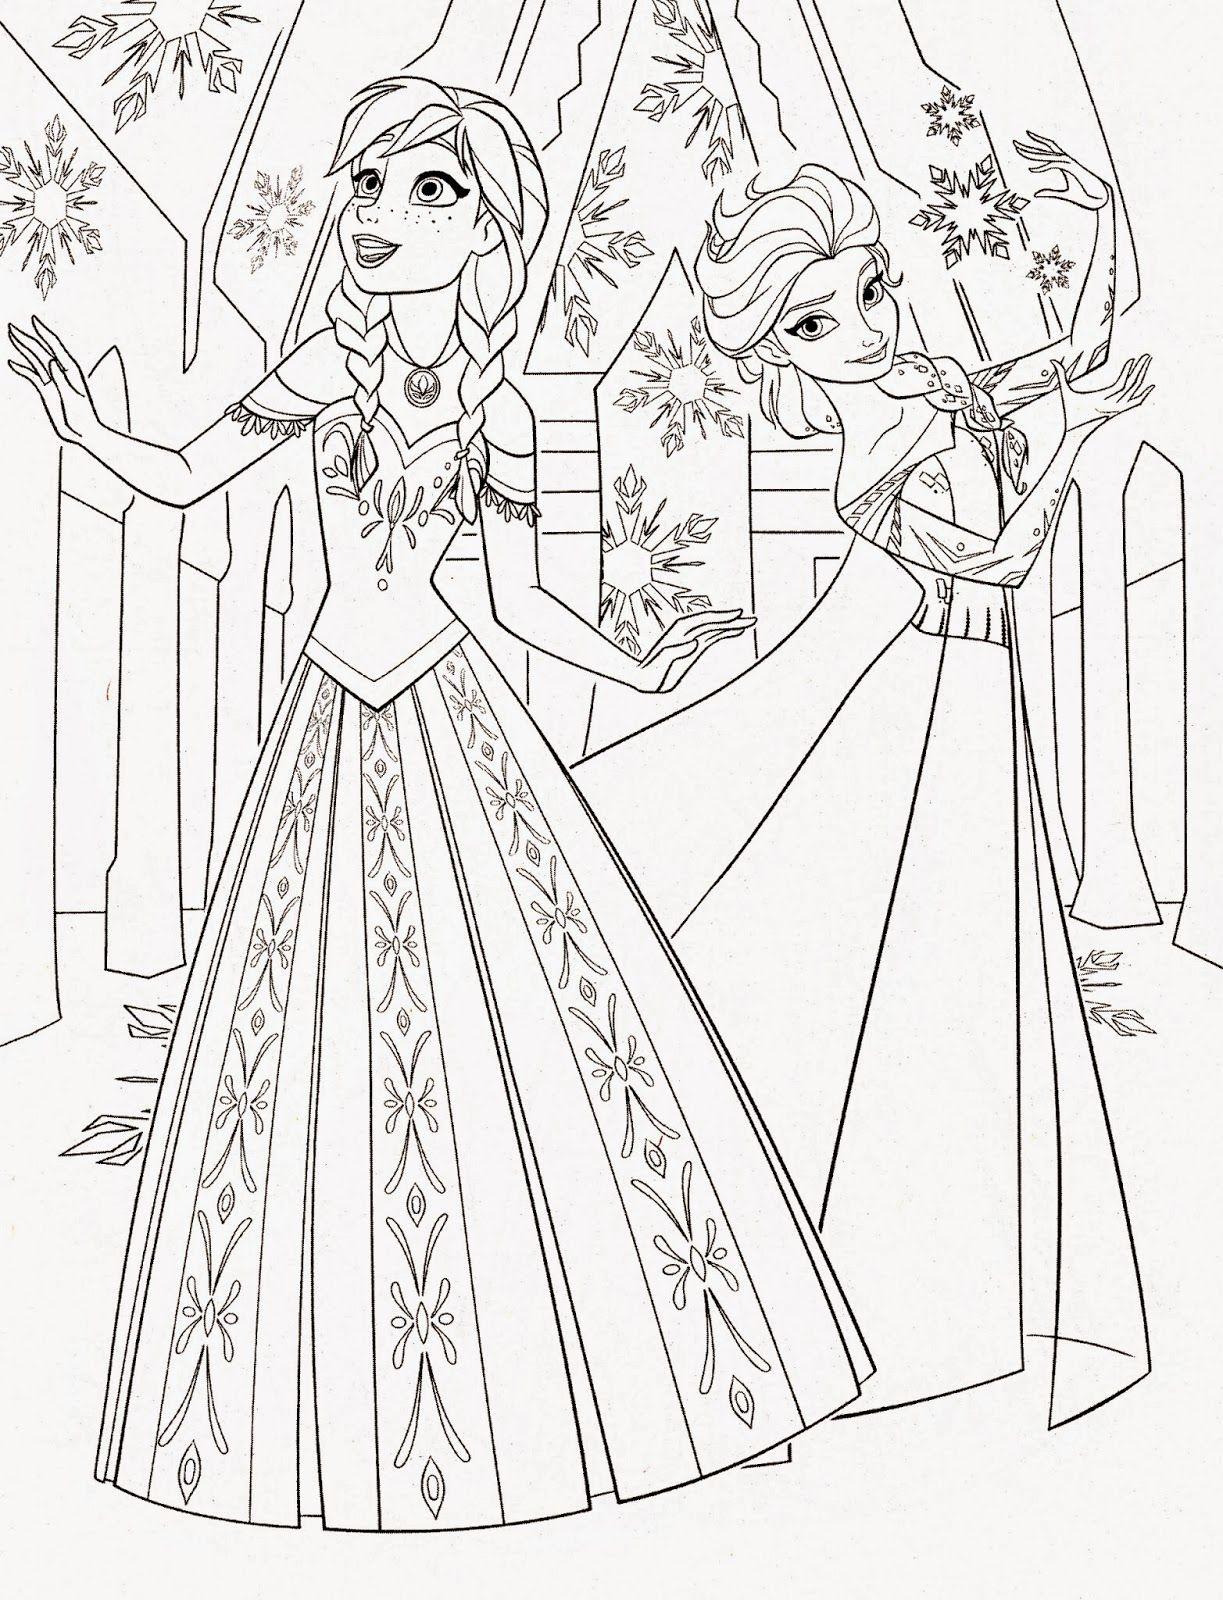 Pr Princess Coloring Pages Frozen Anna - Disney princess frozen elsa and anna coloring pages